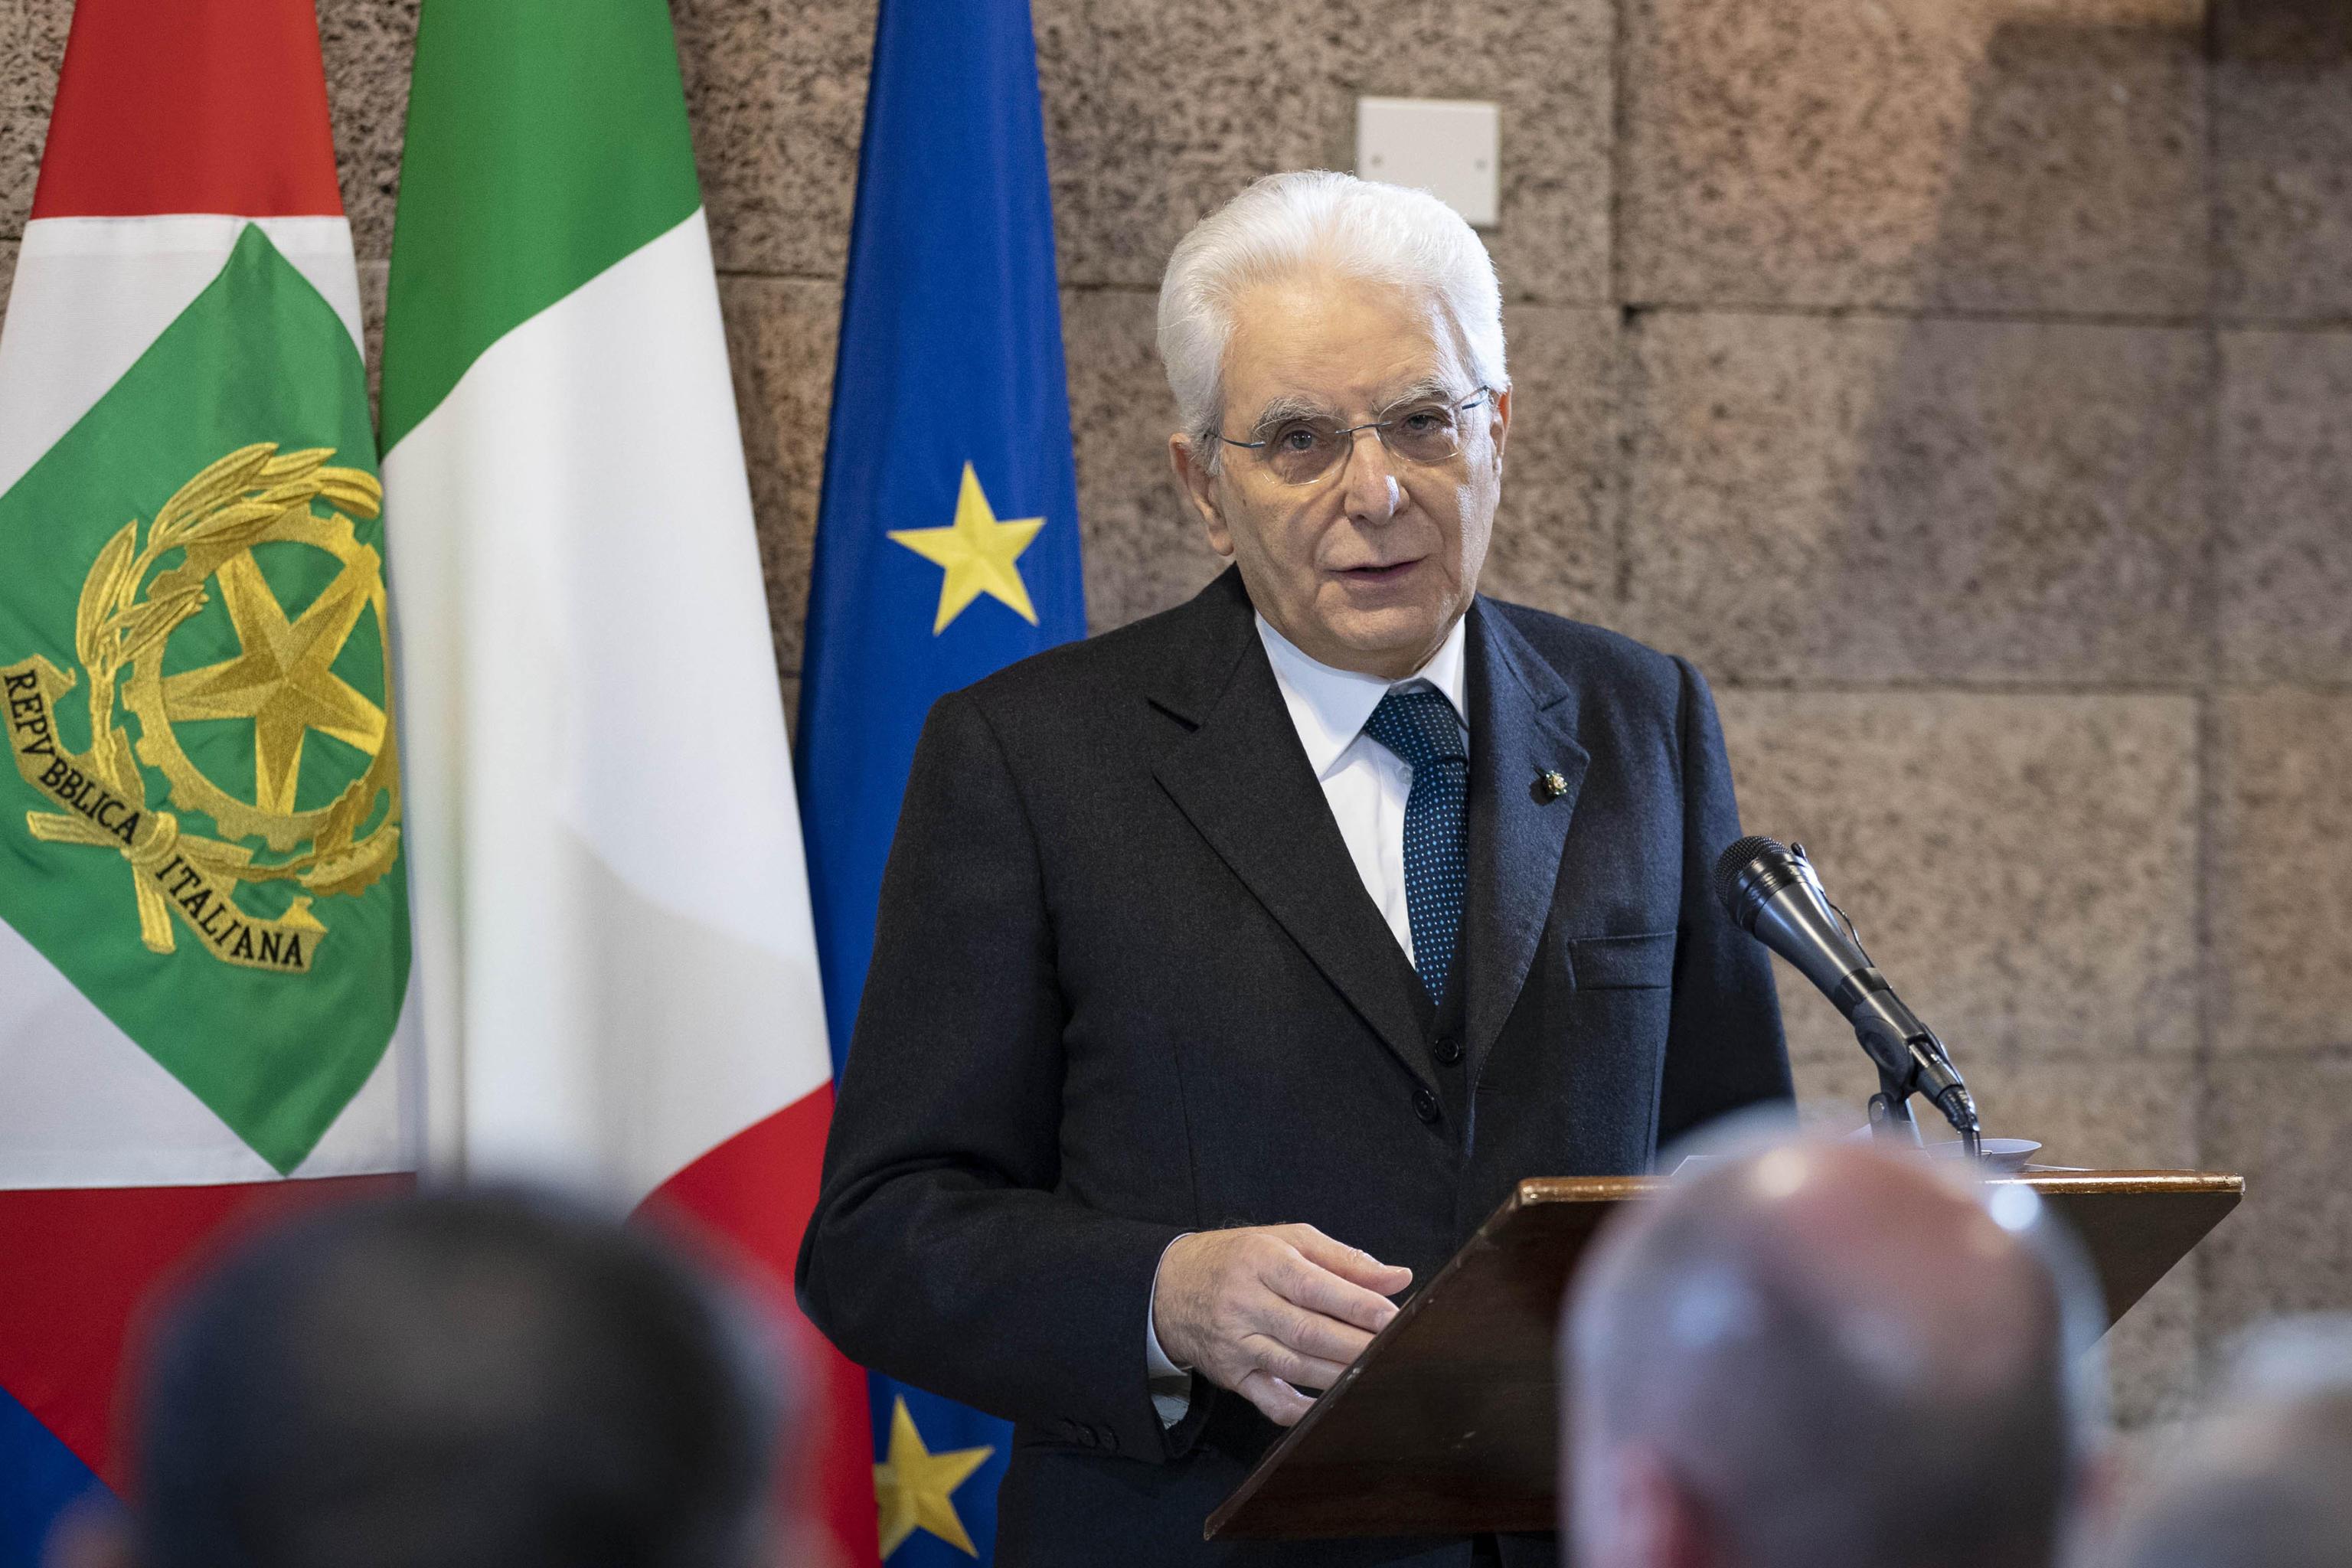 Diego Costi, Alfiere della Repubblica per gelato malati morbo Crohn